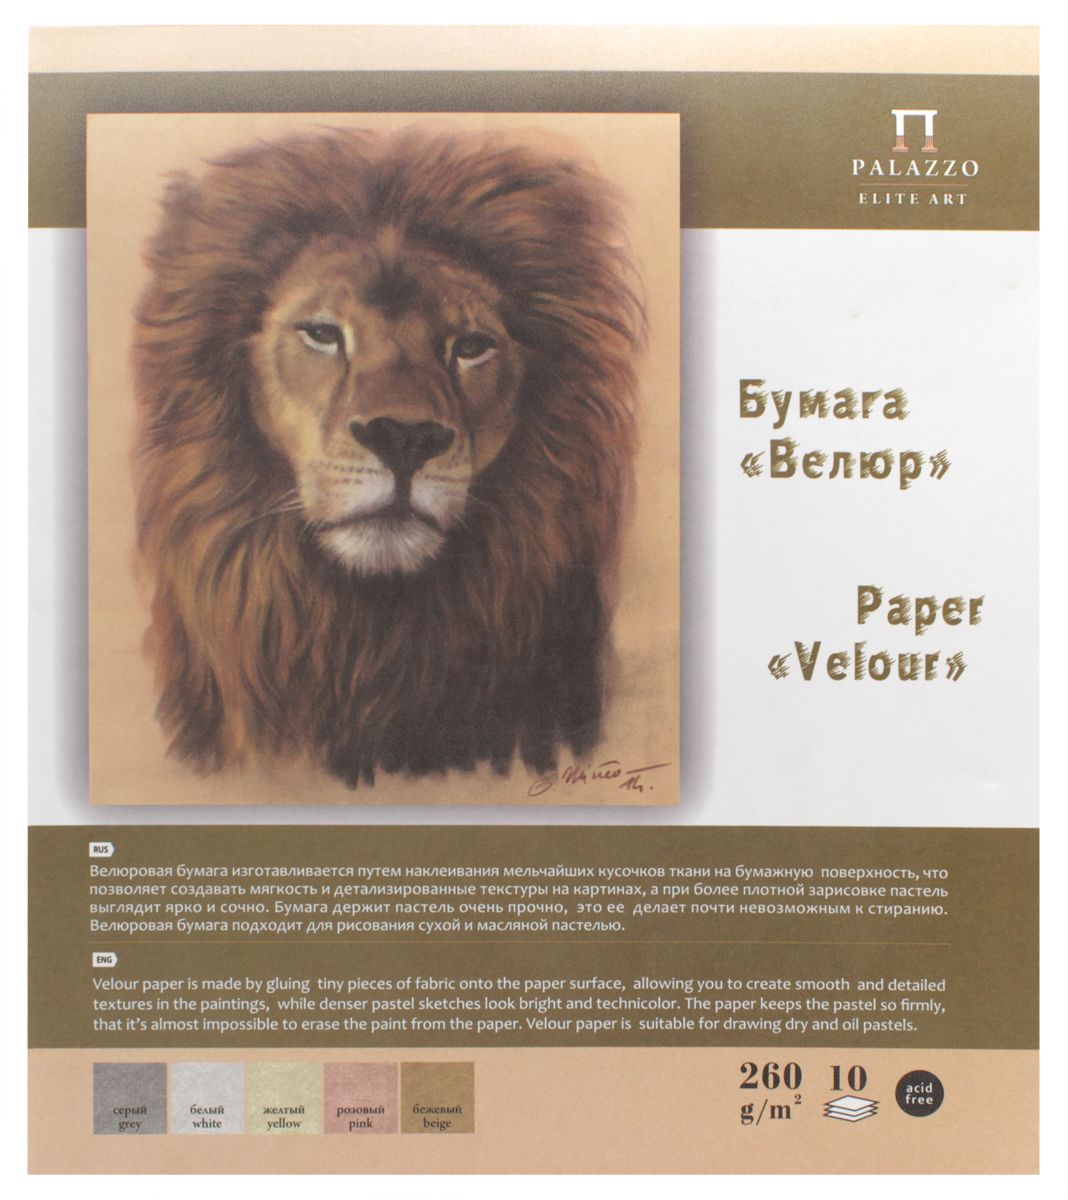 Palazzo Планшет с цветной бумагой Velour 5 цветов 34,5 х 34,5 см 10 листов730396Планшет Palazzo для пастели Velour с велюровой бумагой 260 г/м2.Велюровая бумагаизготавливается путем наклеивания мельчайших кусочков ткани на бумажную поверхность.Фактура позволяет создавать мягкость и детализированные текстуры на картинах, а при болееплотной зарисовке пастель выглядит ярко и сочно. Бумага очень прочно держит пастель, этоделает ее устойчивой к стиранию. Велюровая бумага подходит для рисования сухой и маслянойпастелью.В наборе 10 листов бумаги 5 оттенков (серого, белого, желтого, розового и бежевого).